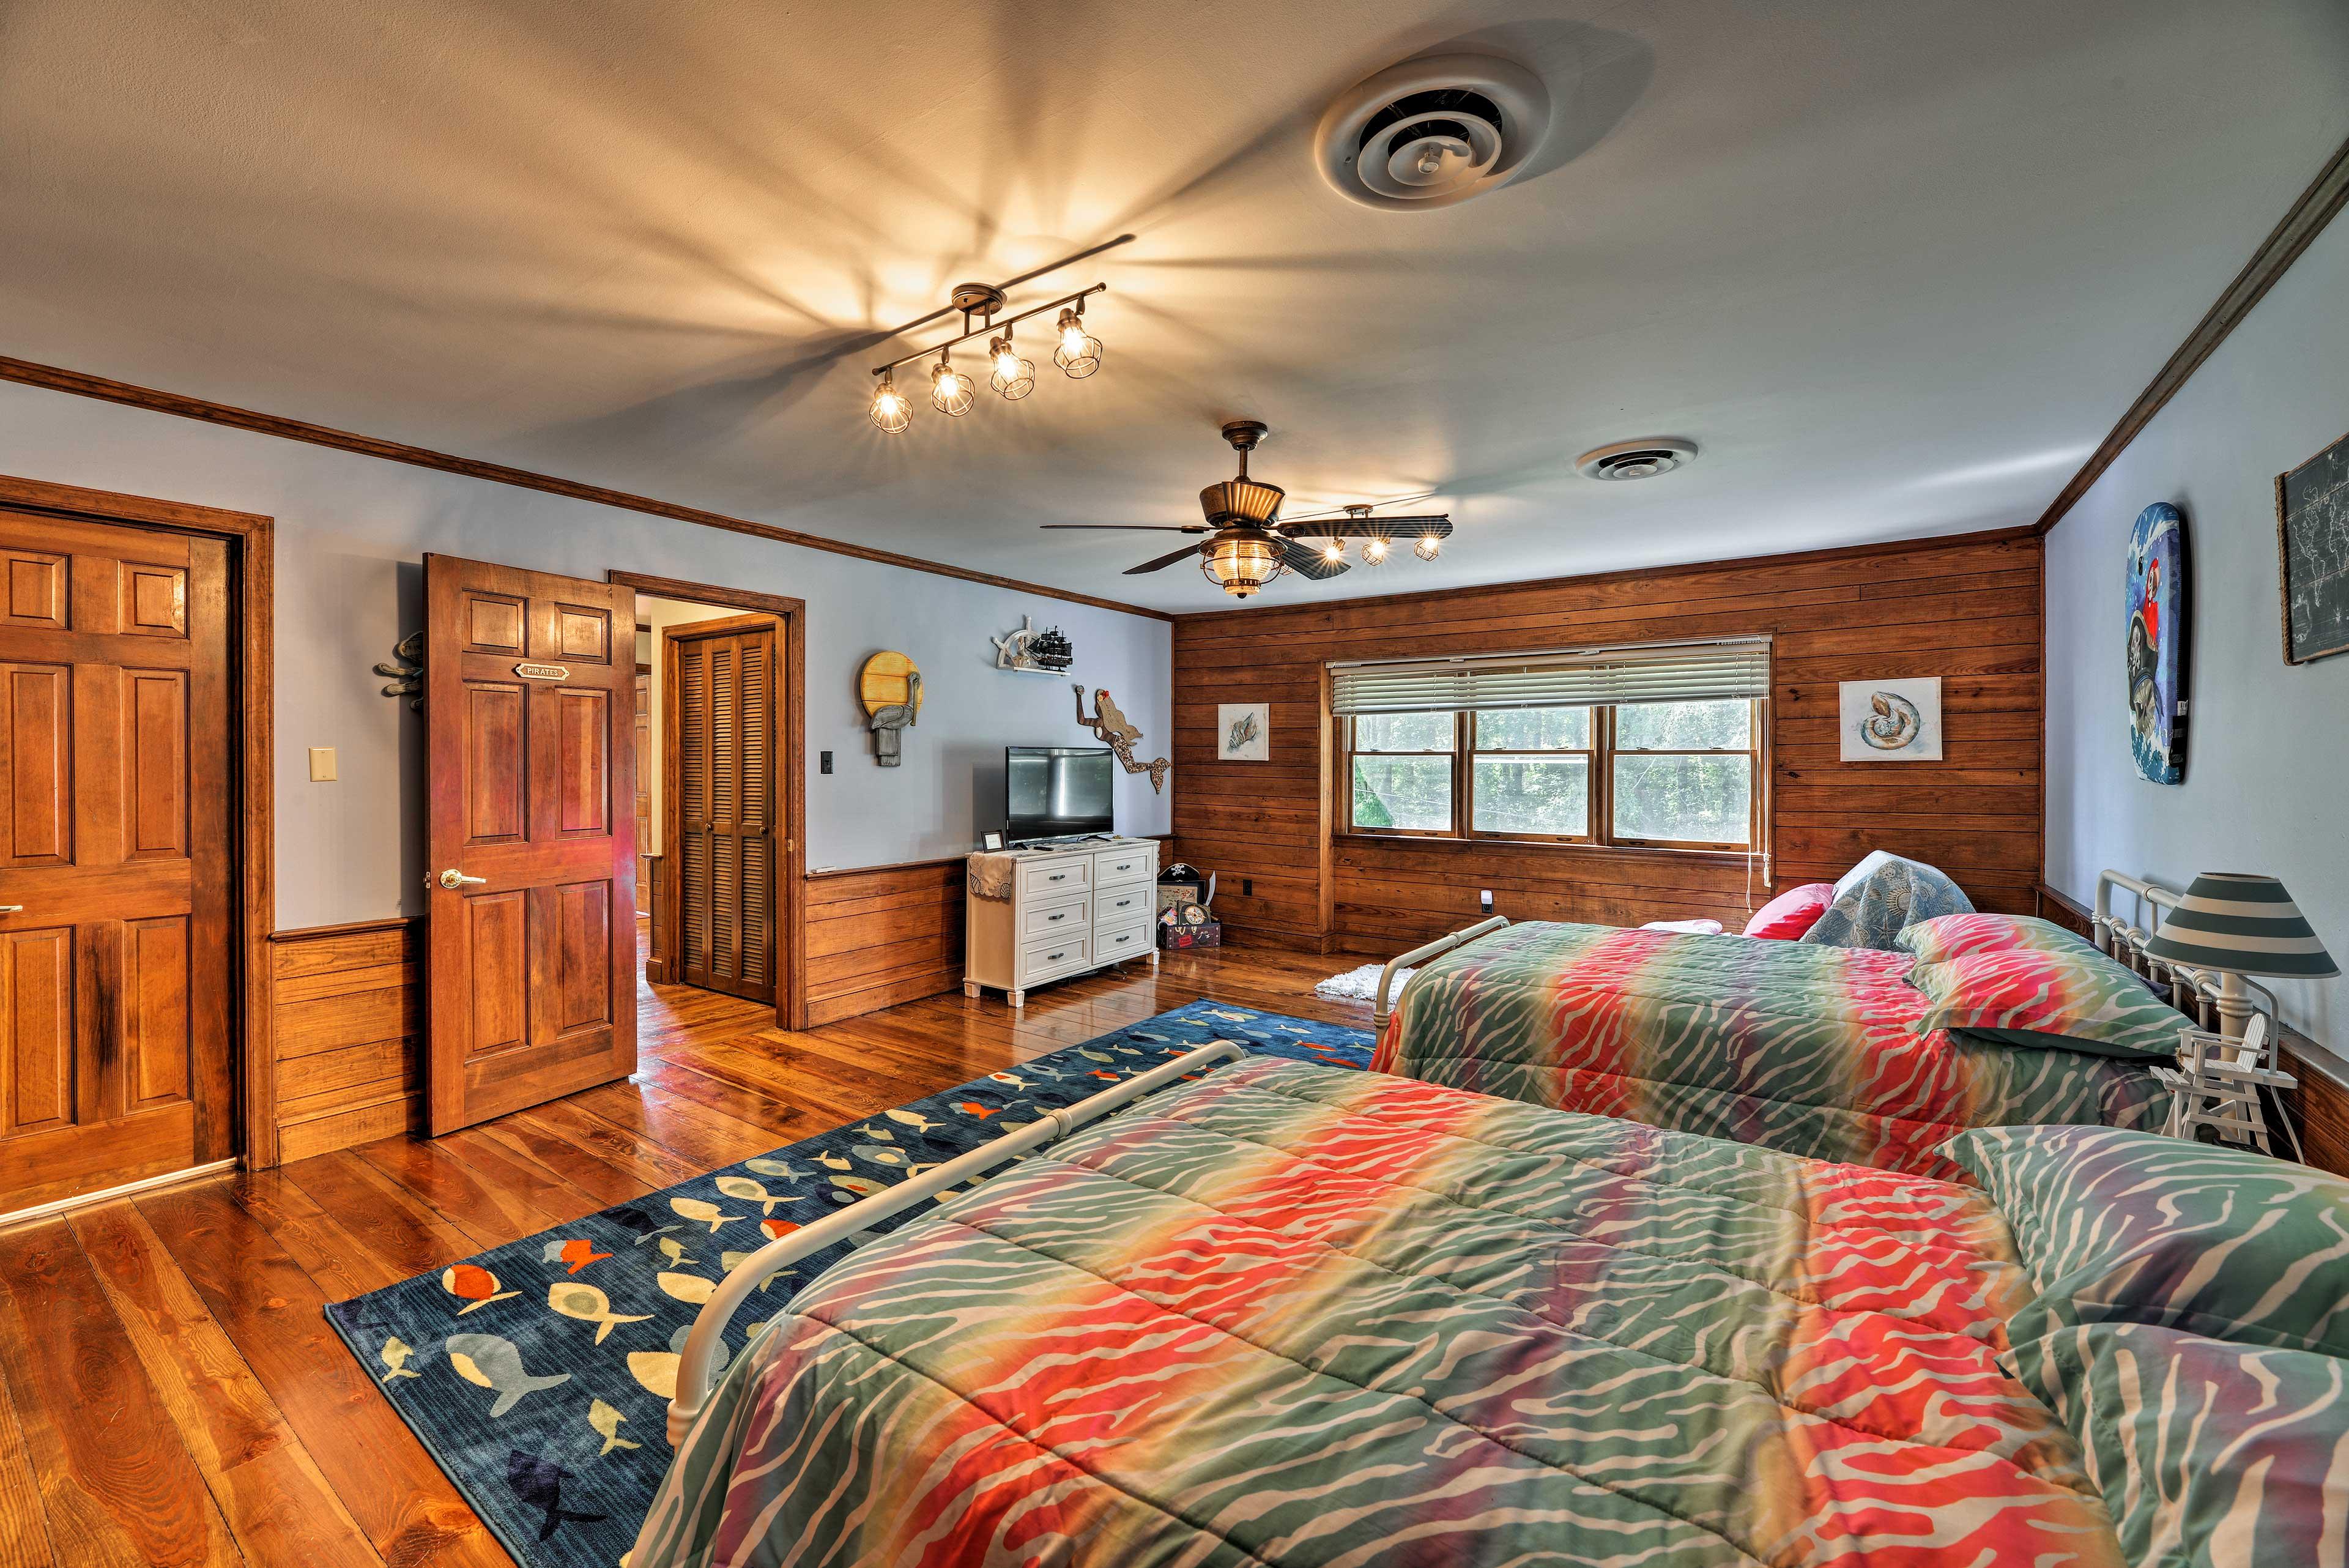 This room hosts beautiful hardwood floors!